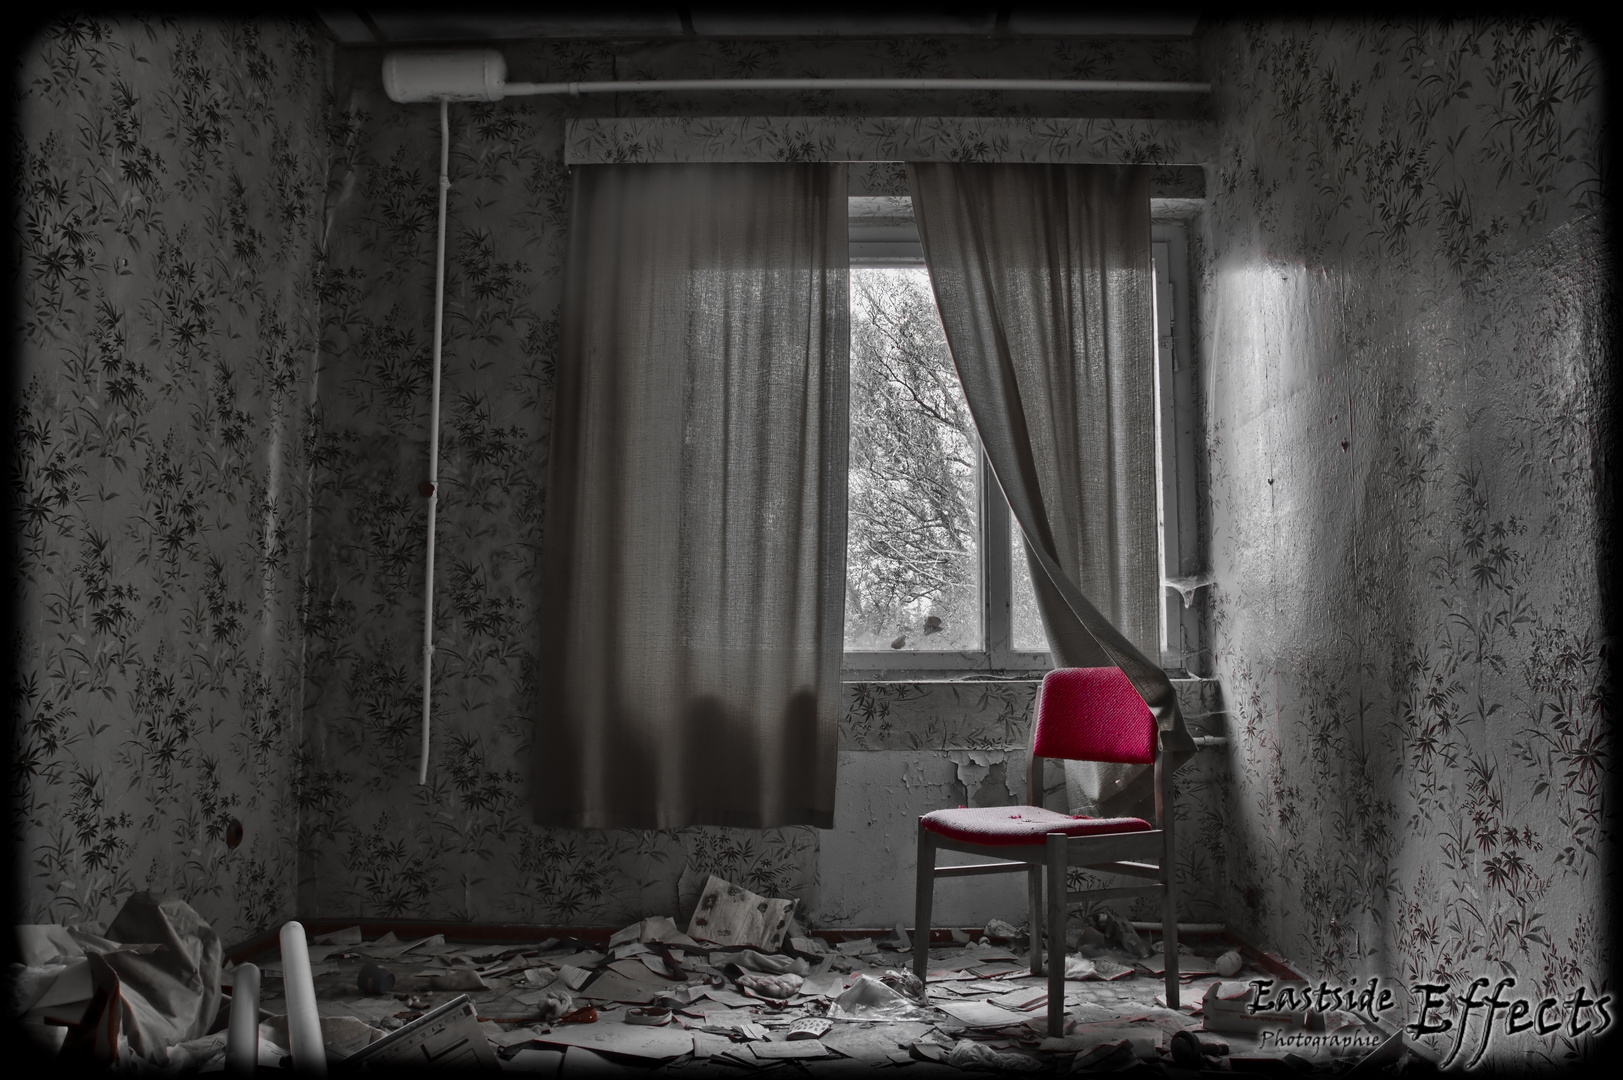 Möchten Sie sich setzen?